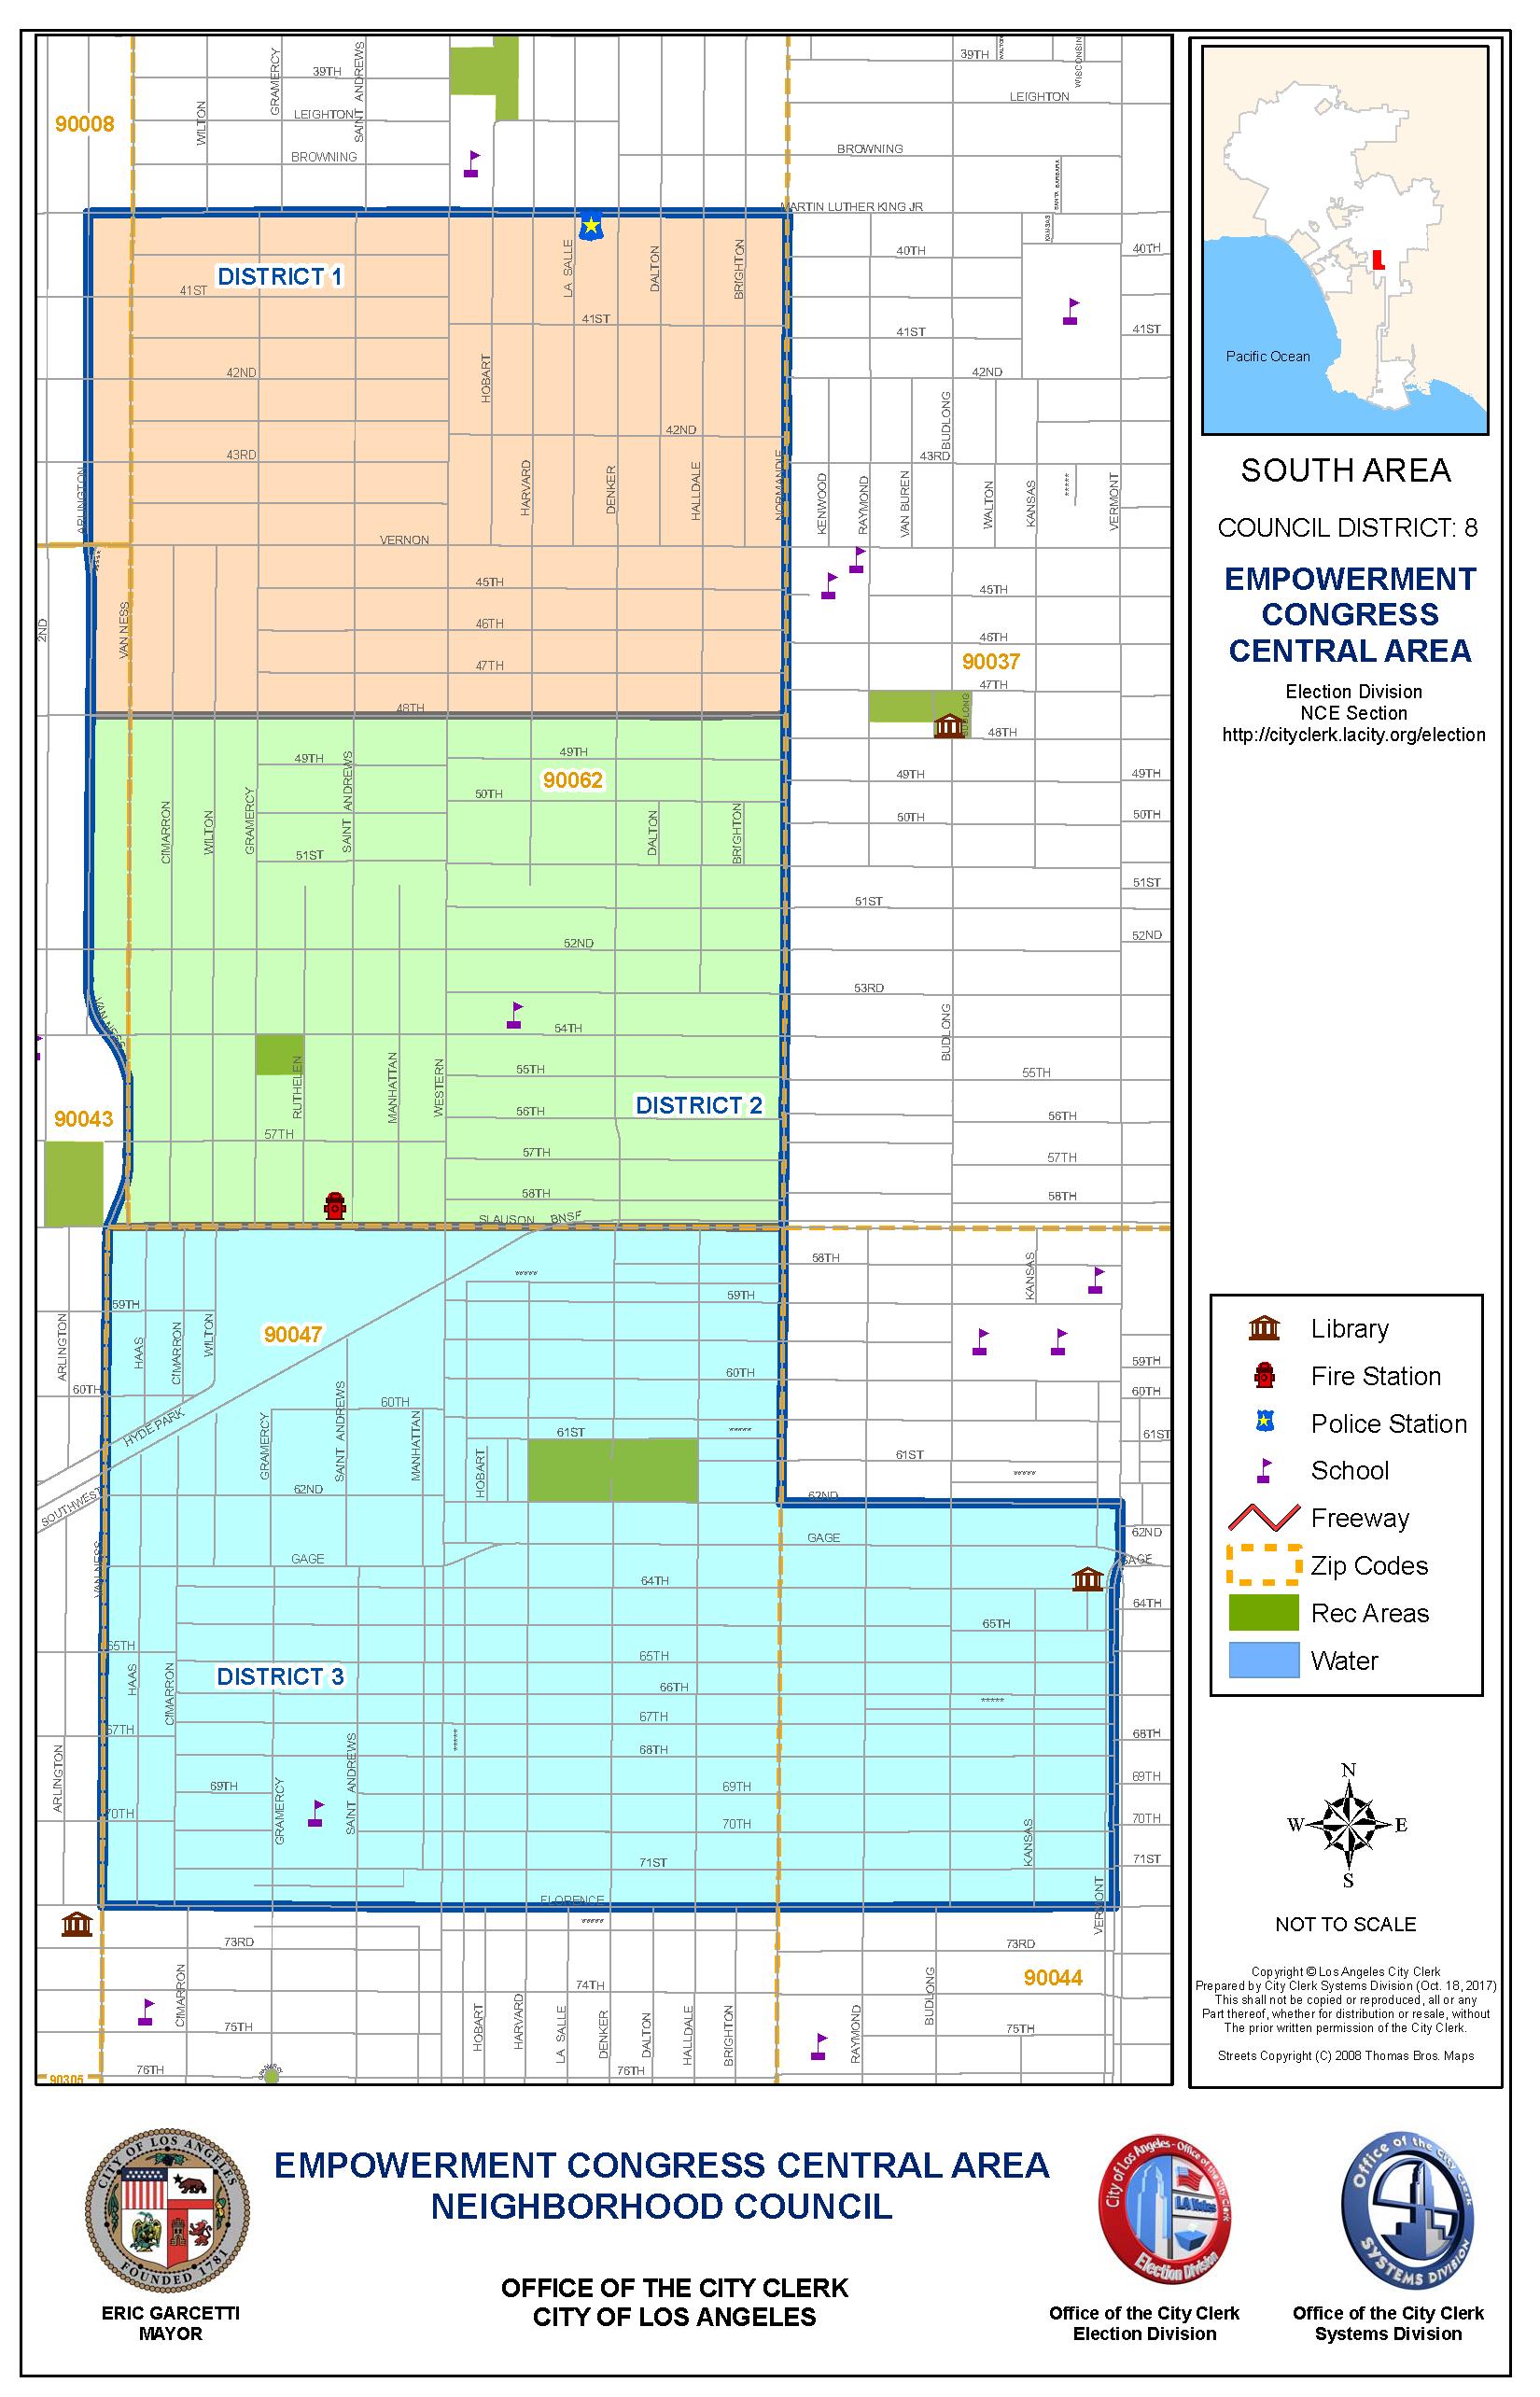 ECCANDC Boundary Map